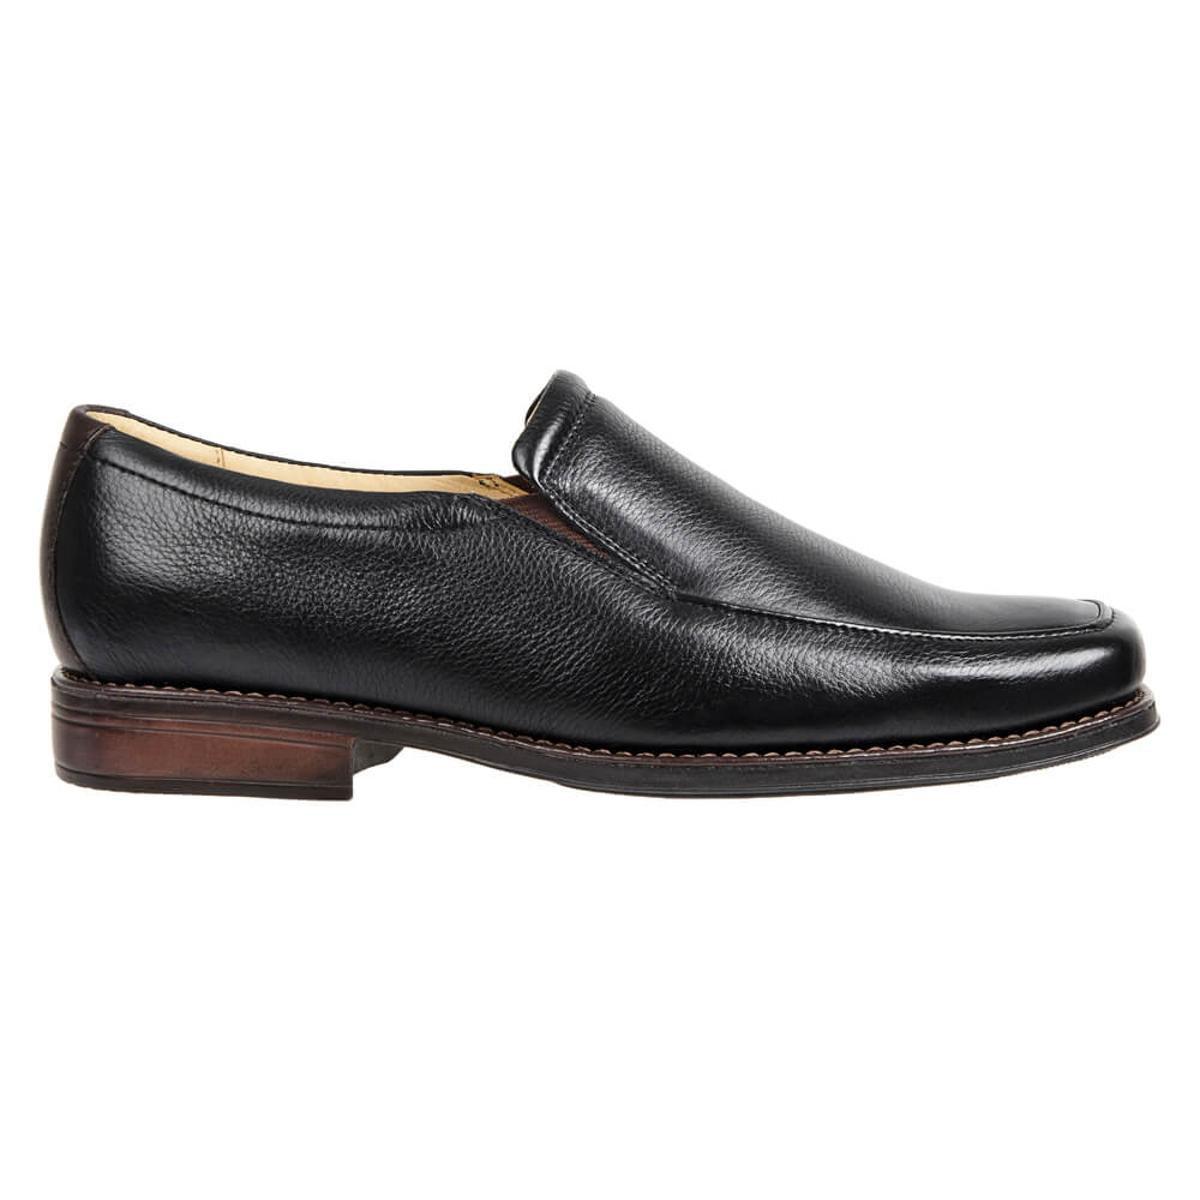 Sapato Casual Side Gore Sandro&CO Panor Masculino - Preto